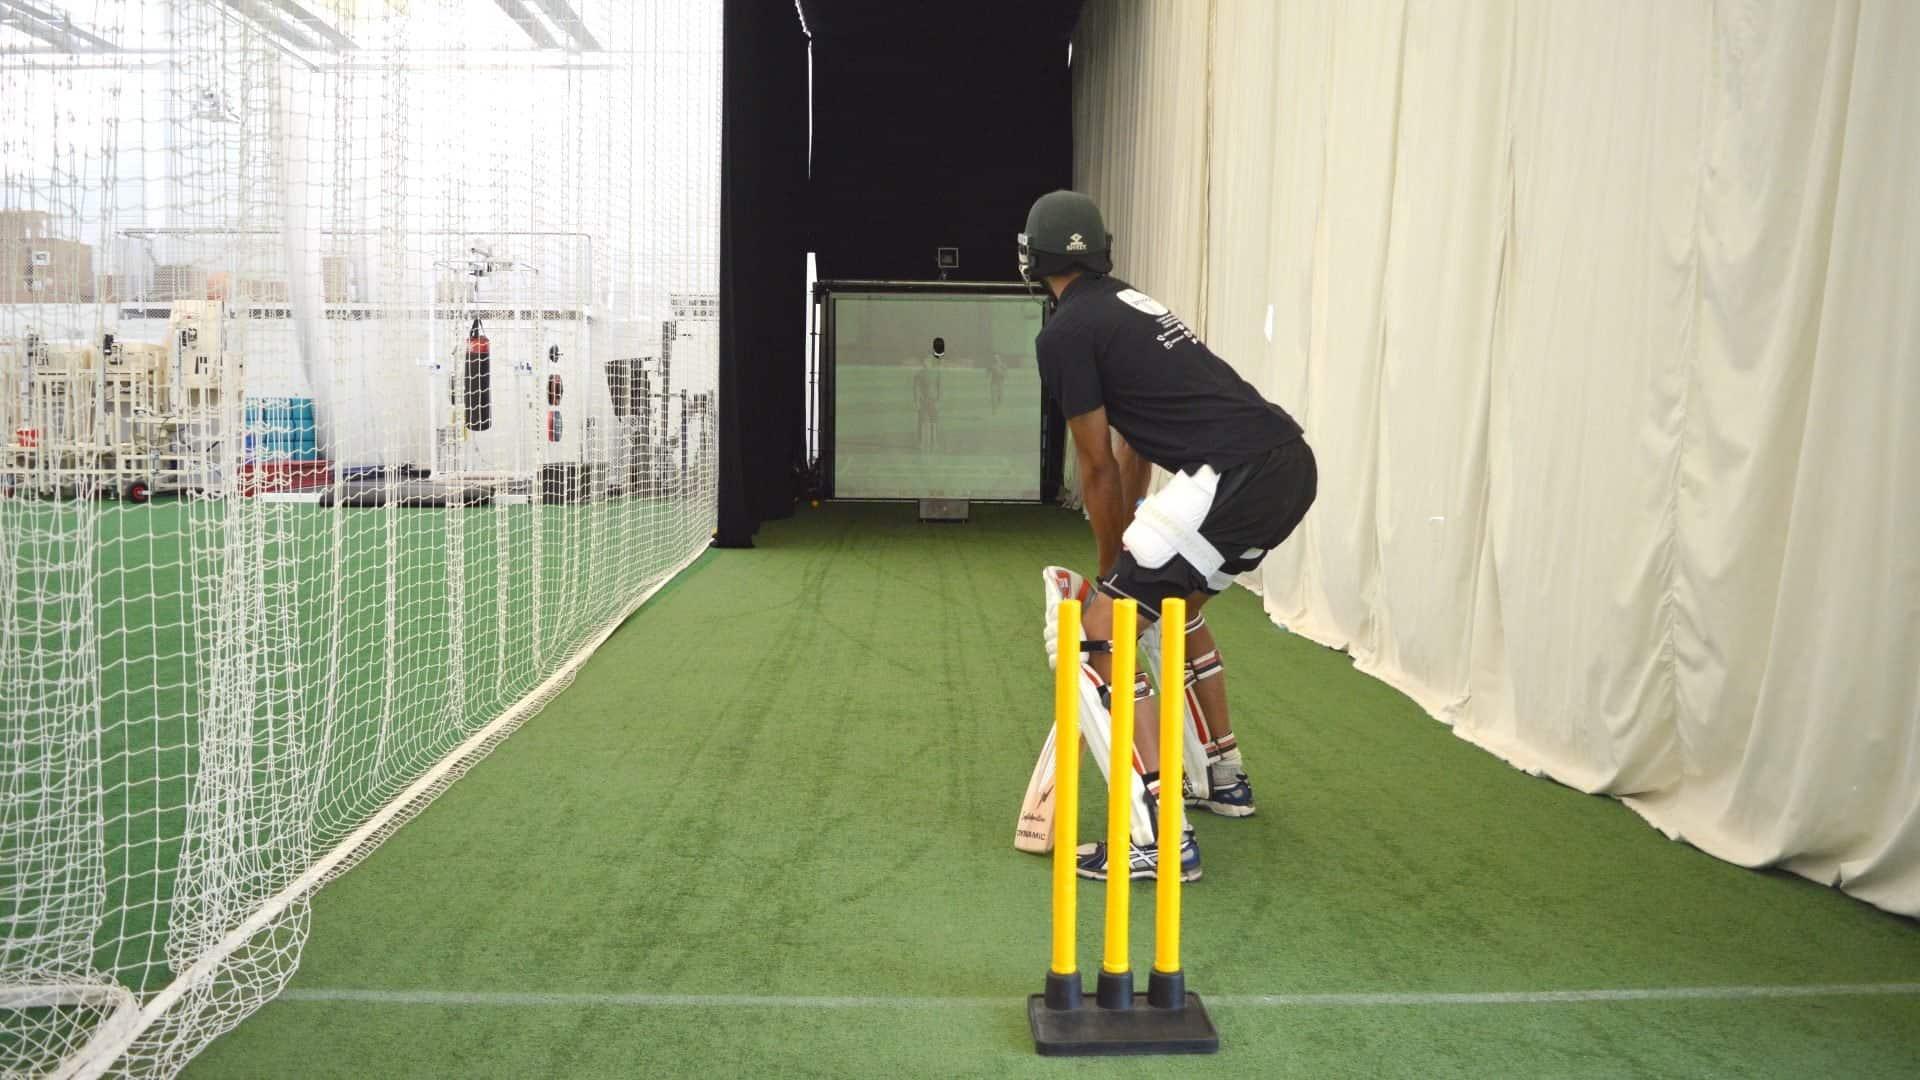 Simulators | BatFast Cricket Simulators